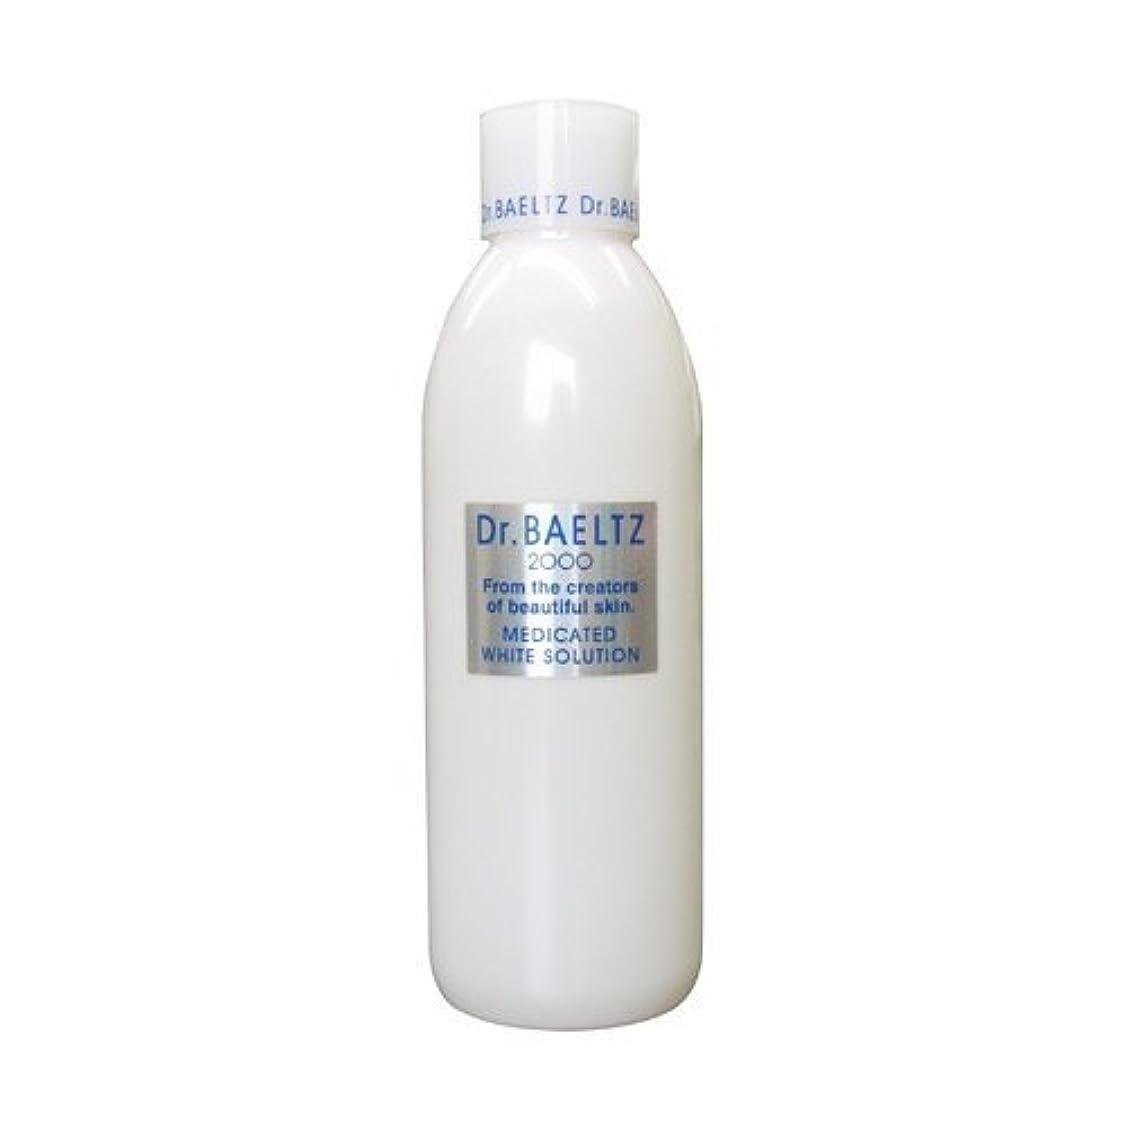 瞳未亡人腐食するドクターベルツ(Dr.BAELTZ) 薬用ホワイトソリューション 300ml(美白化粧水 医薬部外品)